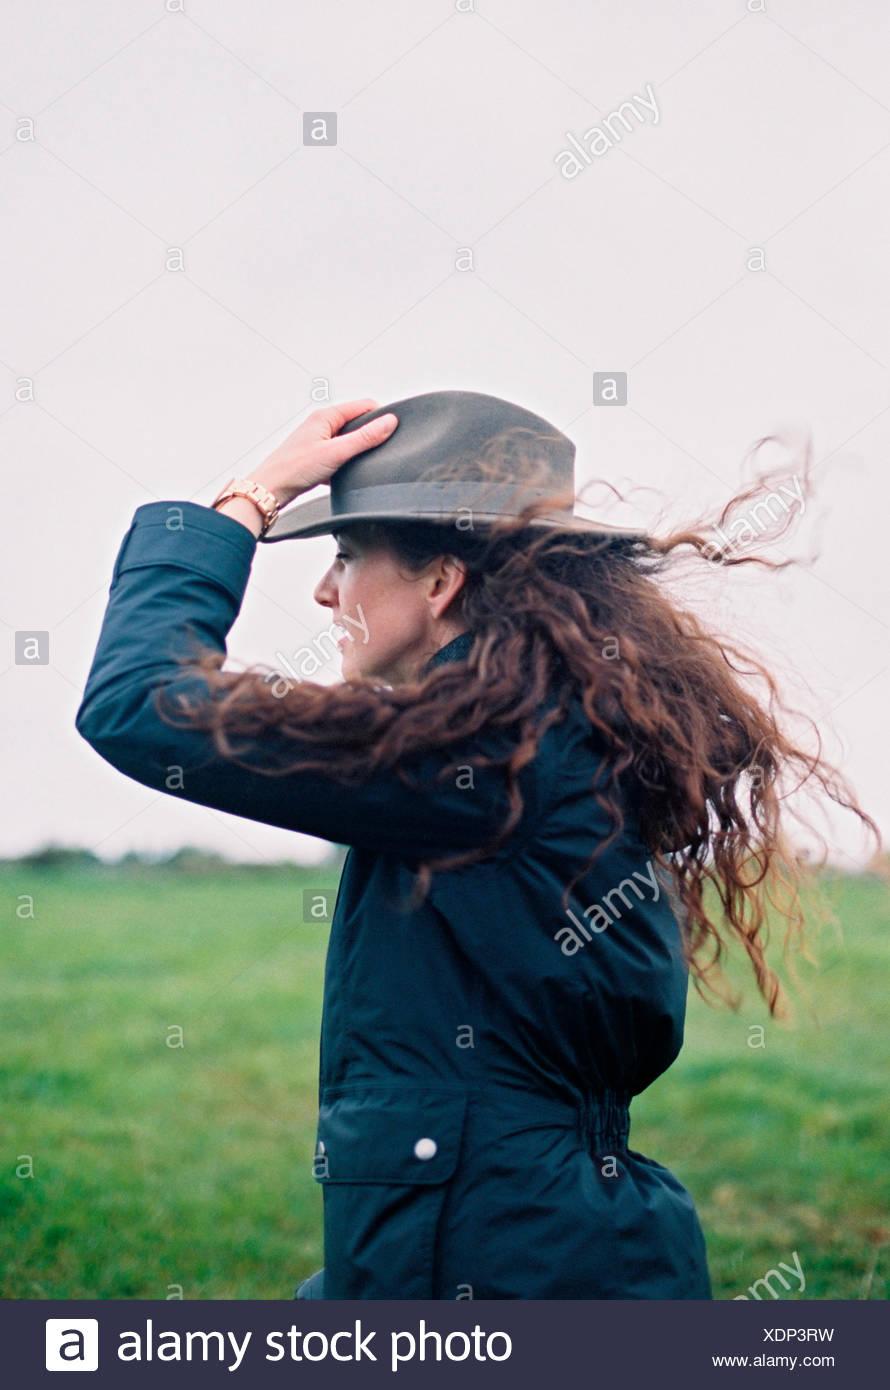 Eine Frau mit langen Haaren im Wind geblasen mit ihrem Hut. Stockbild